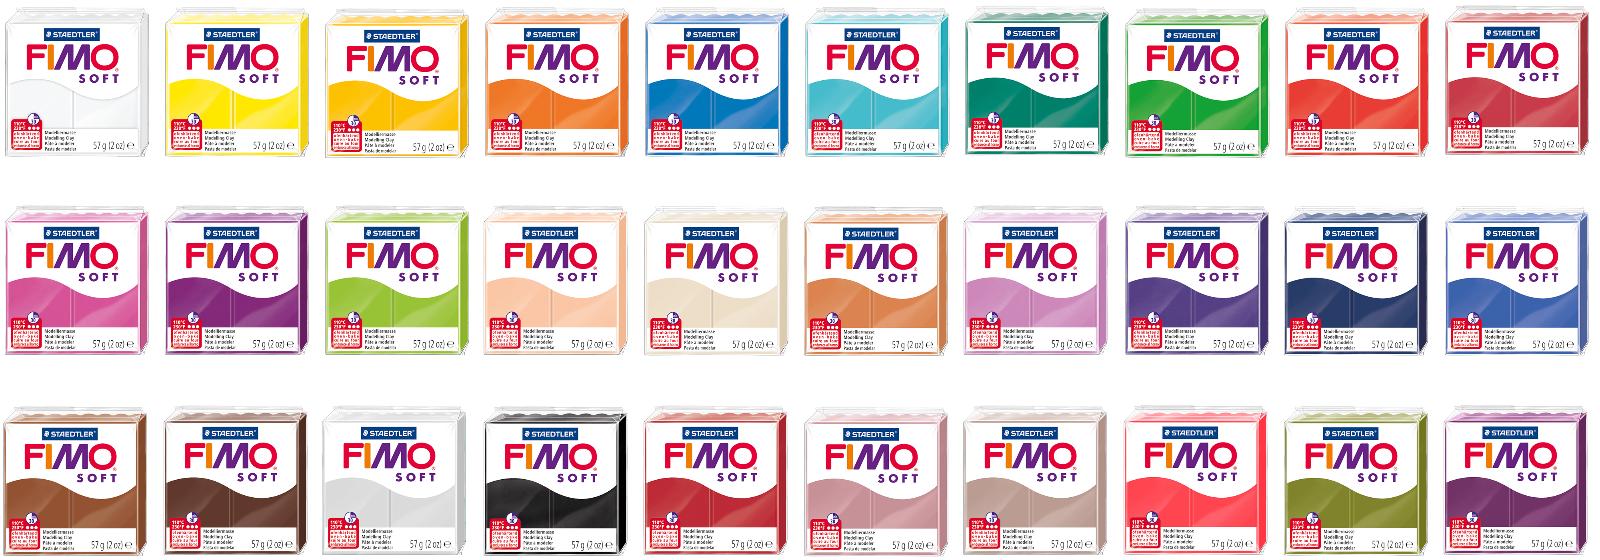 [2,96€ / 100 g] FIMO Soft Modelliermasse 57 g verschiedene Farben Knete AUSWAHL